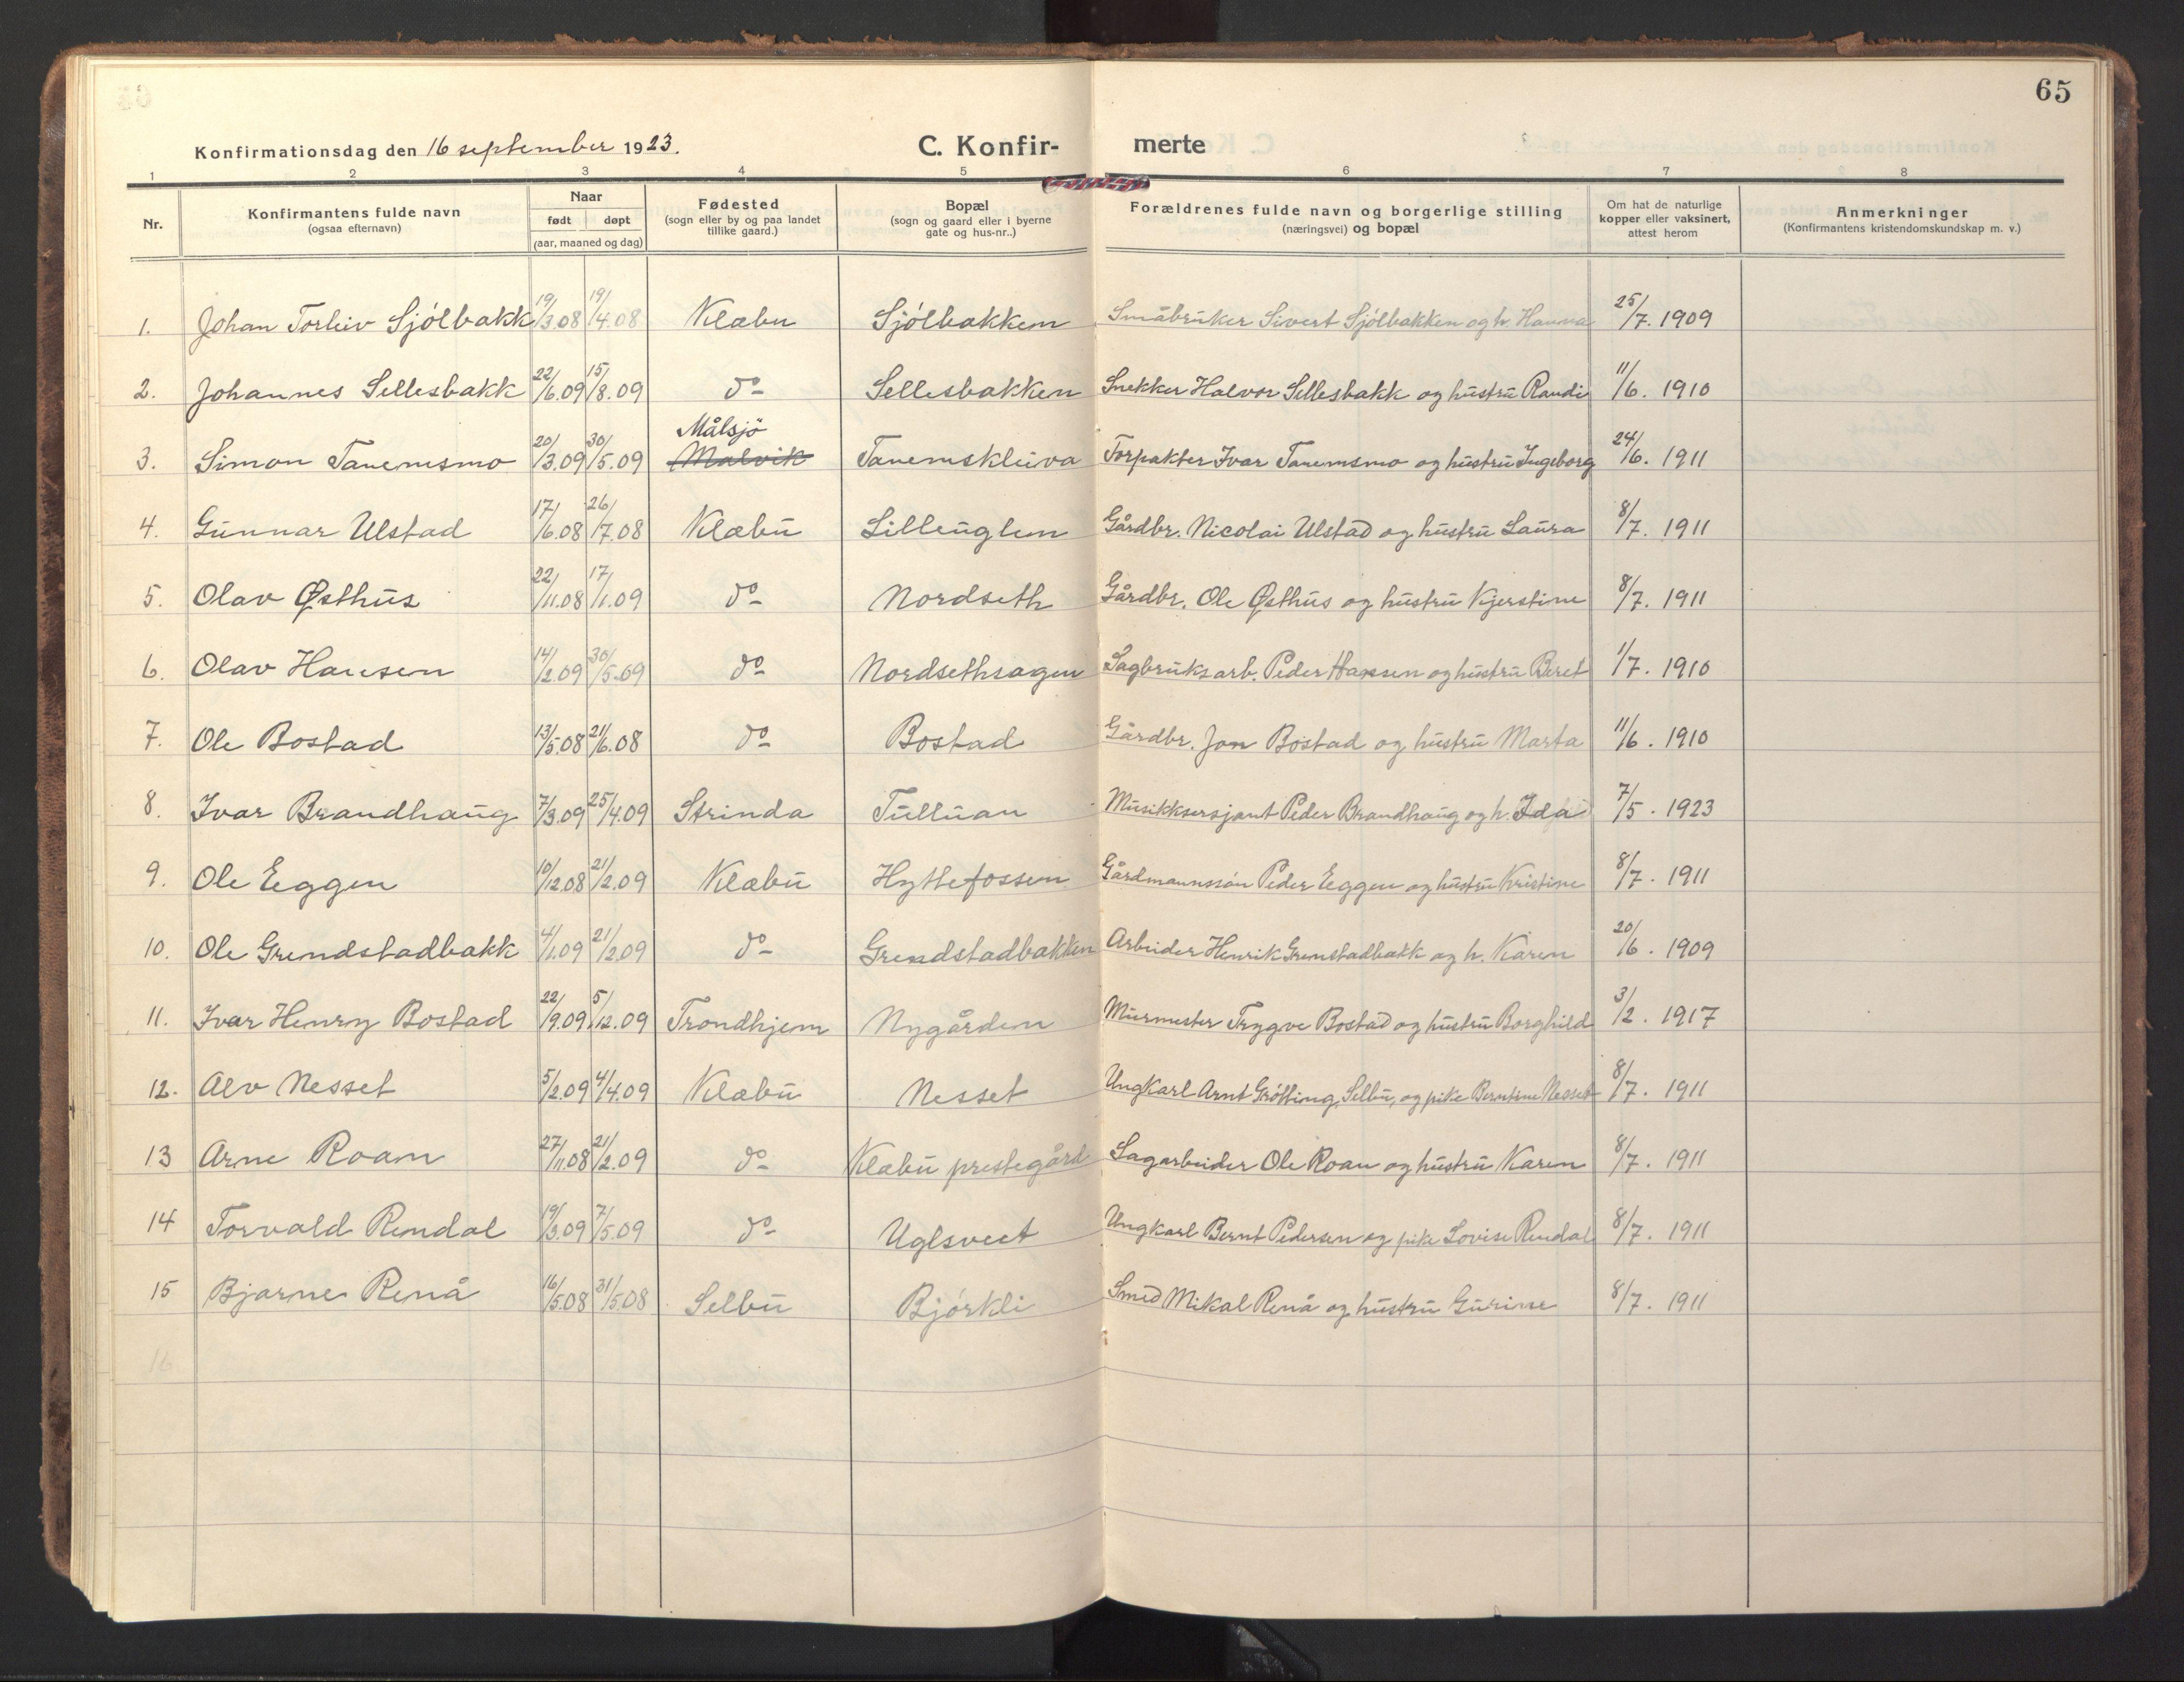 SAT, Ministerialprotokoller, klokkerbøker og fødselsregistre - Sør-Trøndelag, 618/L0449: Ministerialbok nr. 618A12, 1917-1924, s. 65